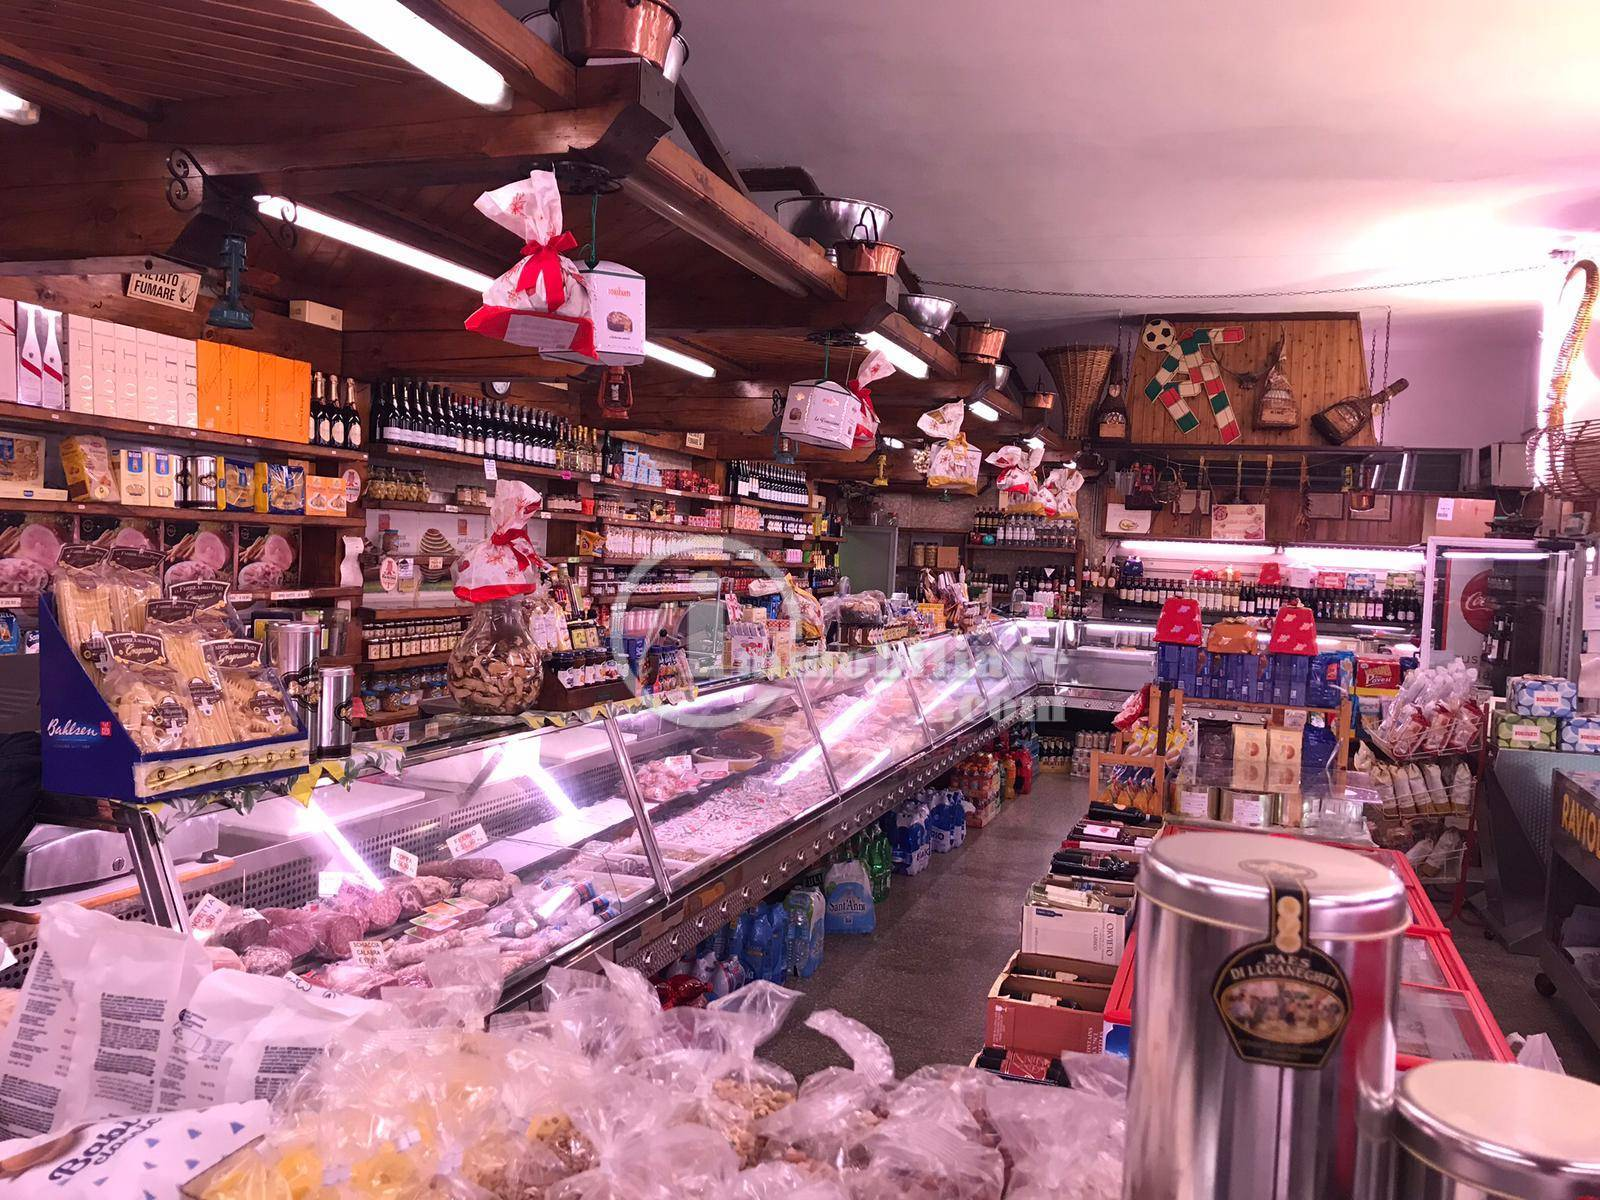 Negozio-locale in Vendita a Trezzano Sul Naviglio: 3 locali, 200 mq